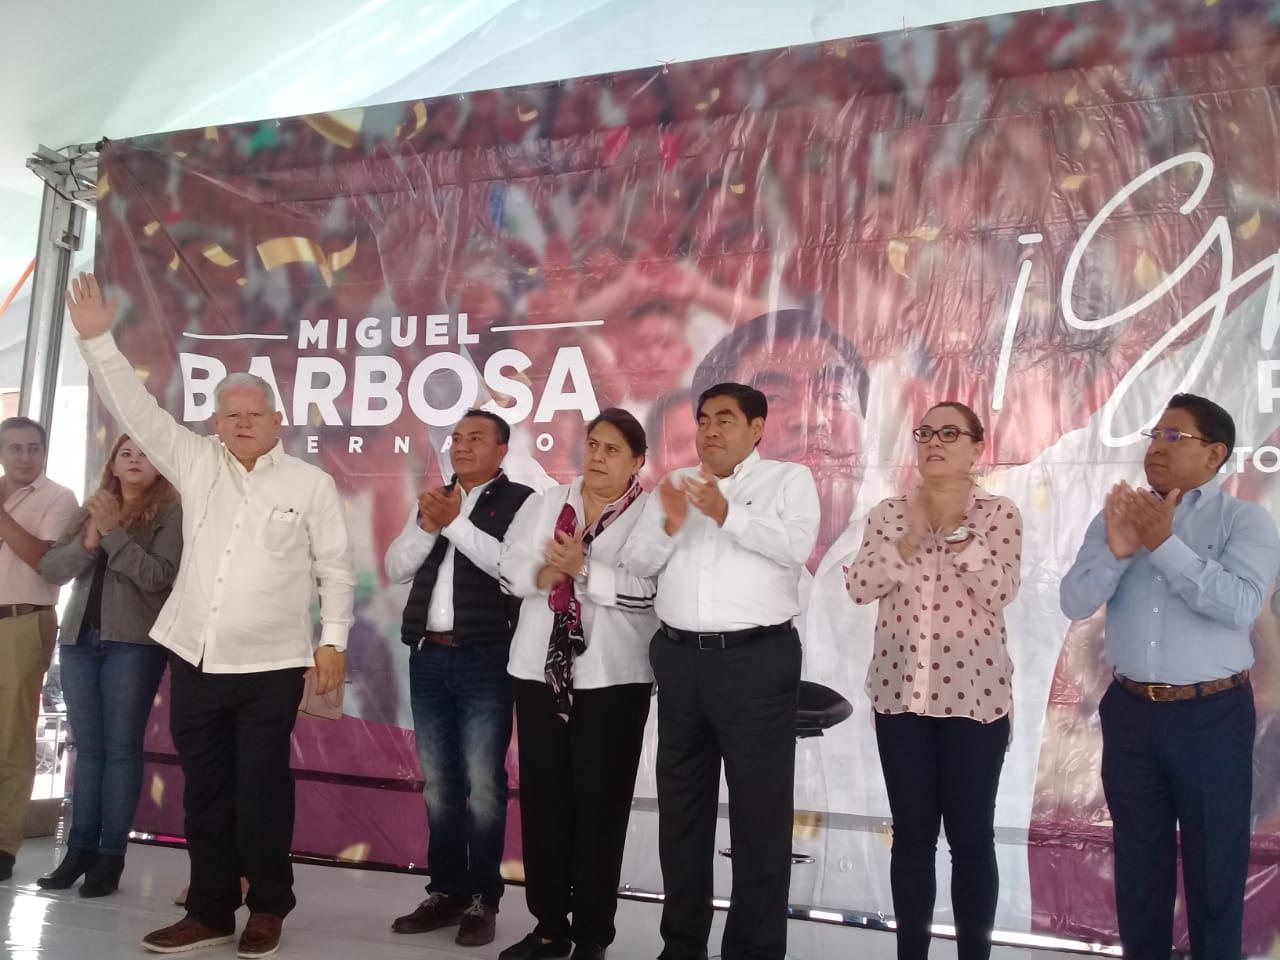 Barbosa descarta a Chidiac para la Secretaría de Finanzas